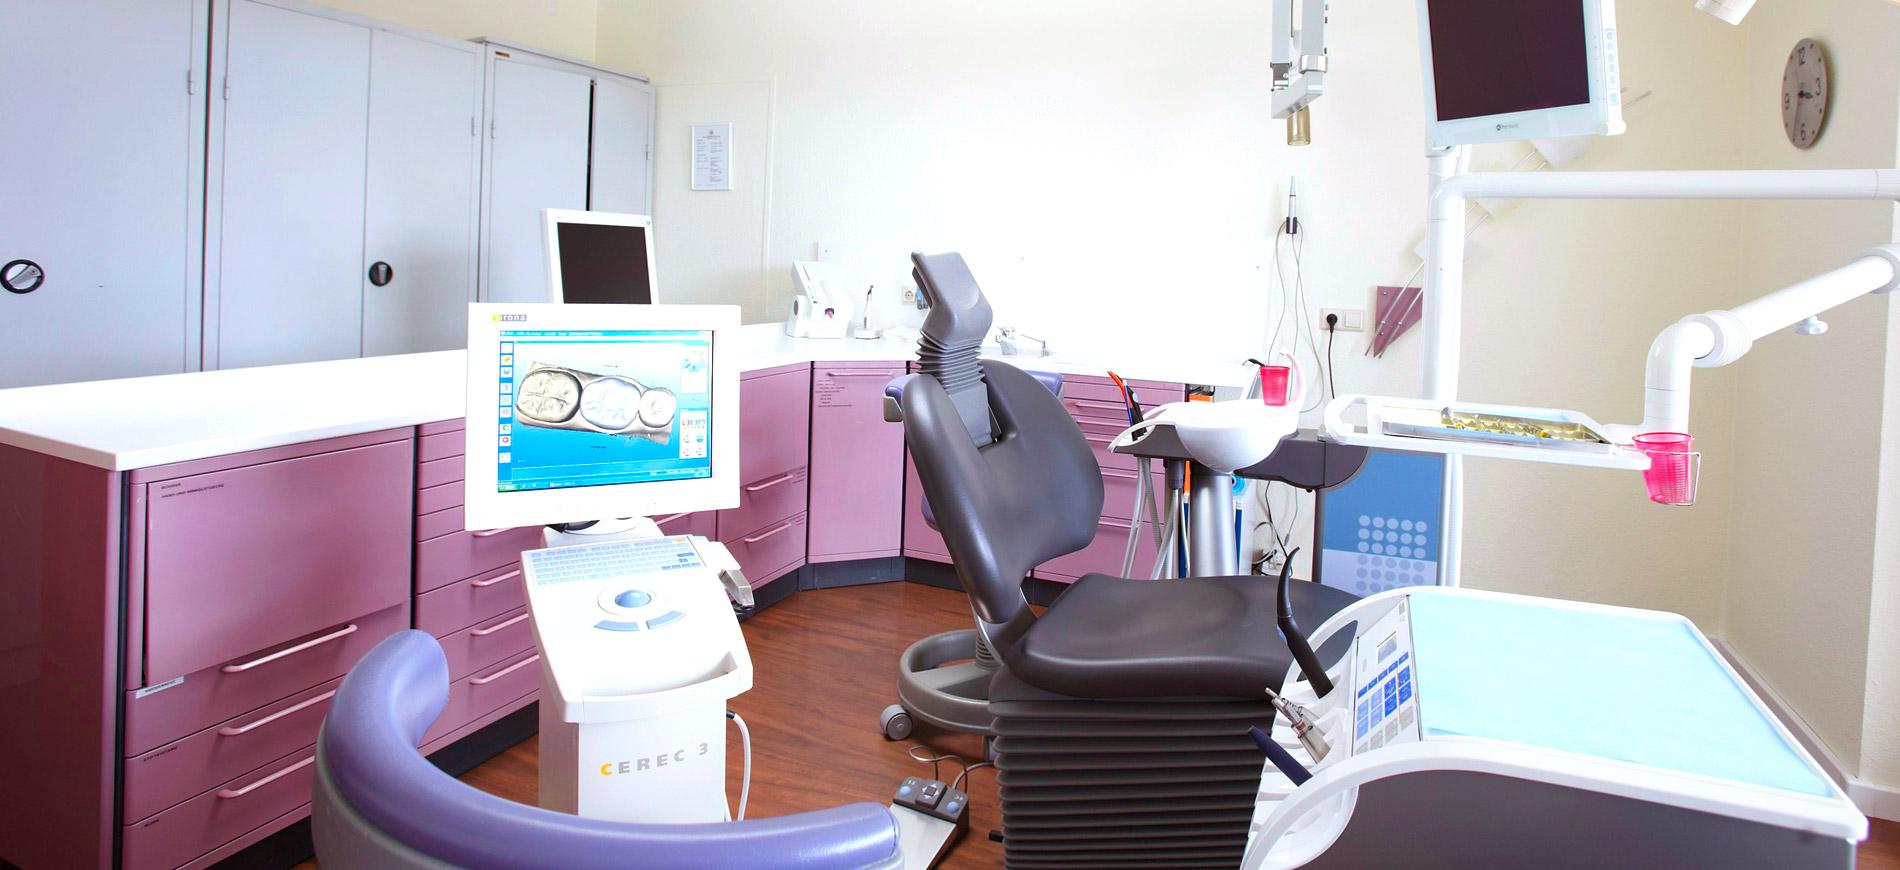 Zahnarzt Dr. Marco Eck - Cerec 1